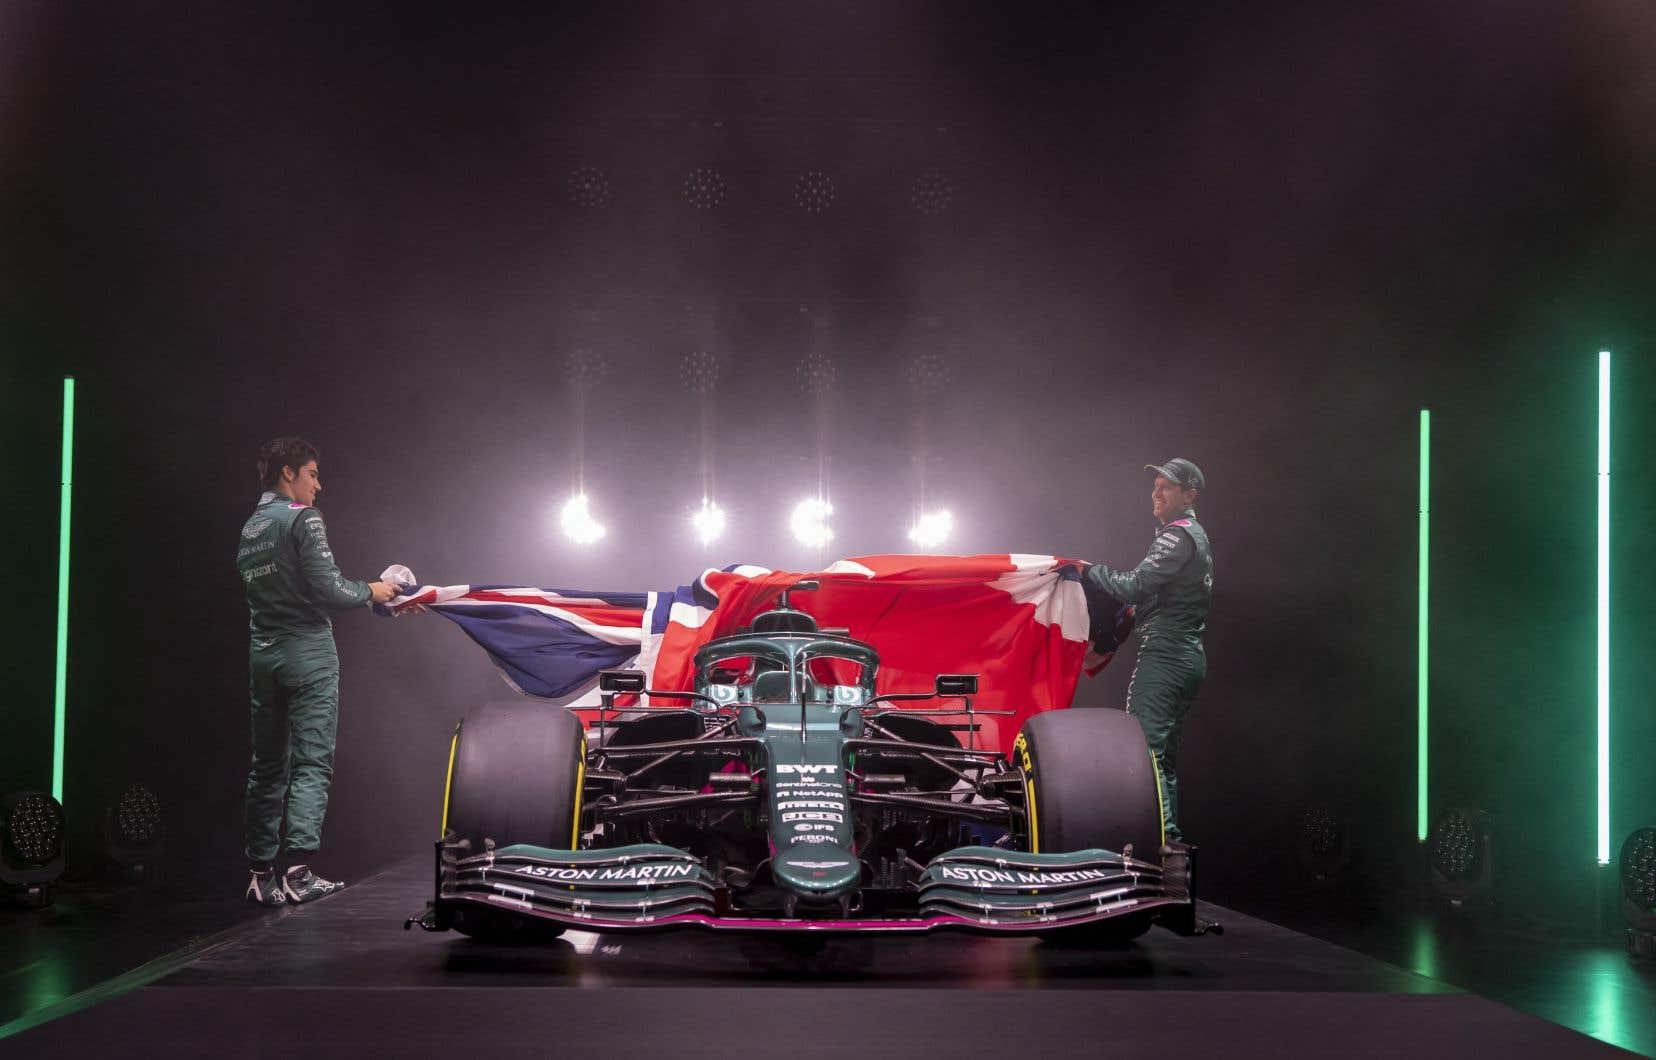 Le dévoilement de la voiture, diffusé en ligne depuis l'usine de la nouvelle équipe à Silverstone, s'est déroulé en compagnie de Lance Stroll, de son nouveau coéquipier Sebastian Vettel, du propriétaire Lawrence Stroll et du directeur de l'équipe Otmar Szafnauer.